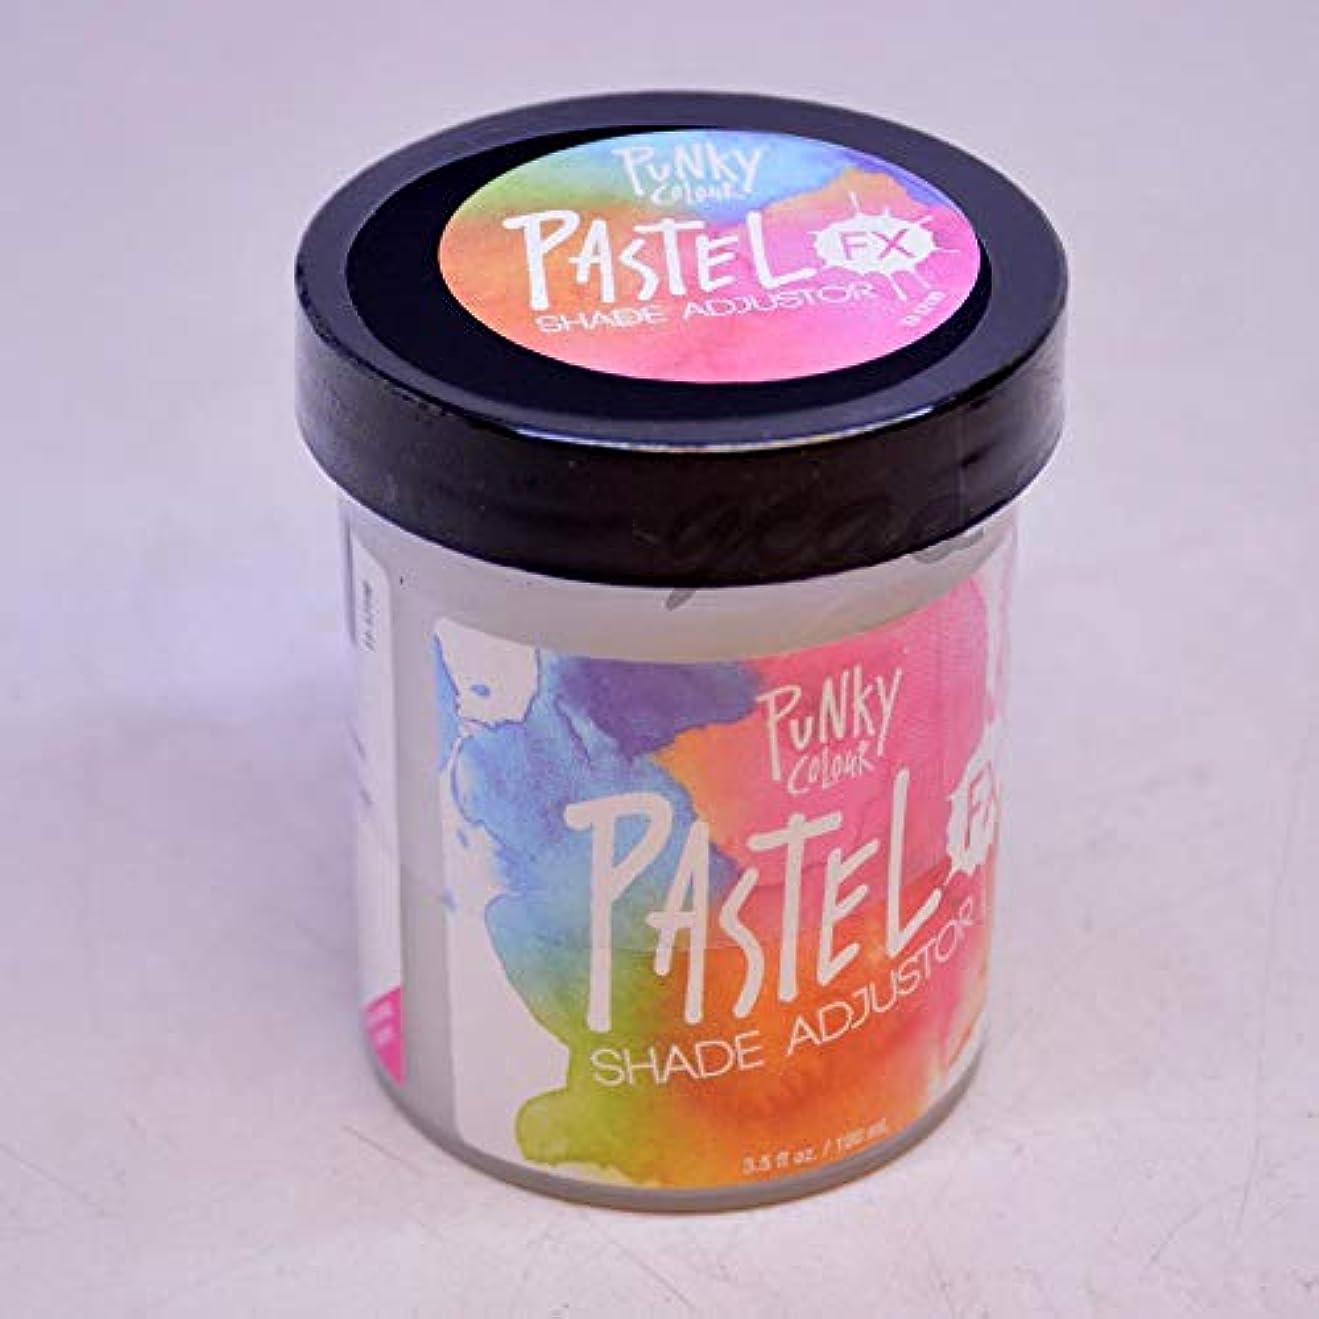 ドール告発呼ぶJEROME RUSSELL Punky Color Semi-Permanent Conditioning Hair Color - Pastel FX Shade Adjuster (並行輸入品)